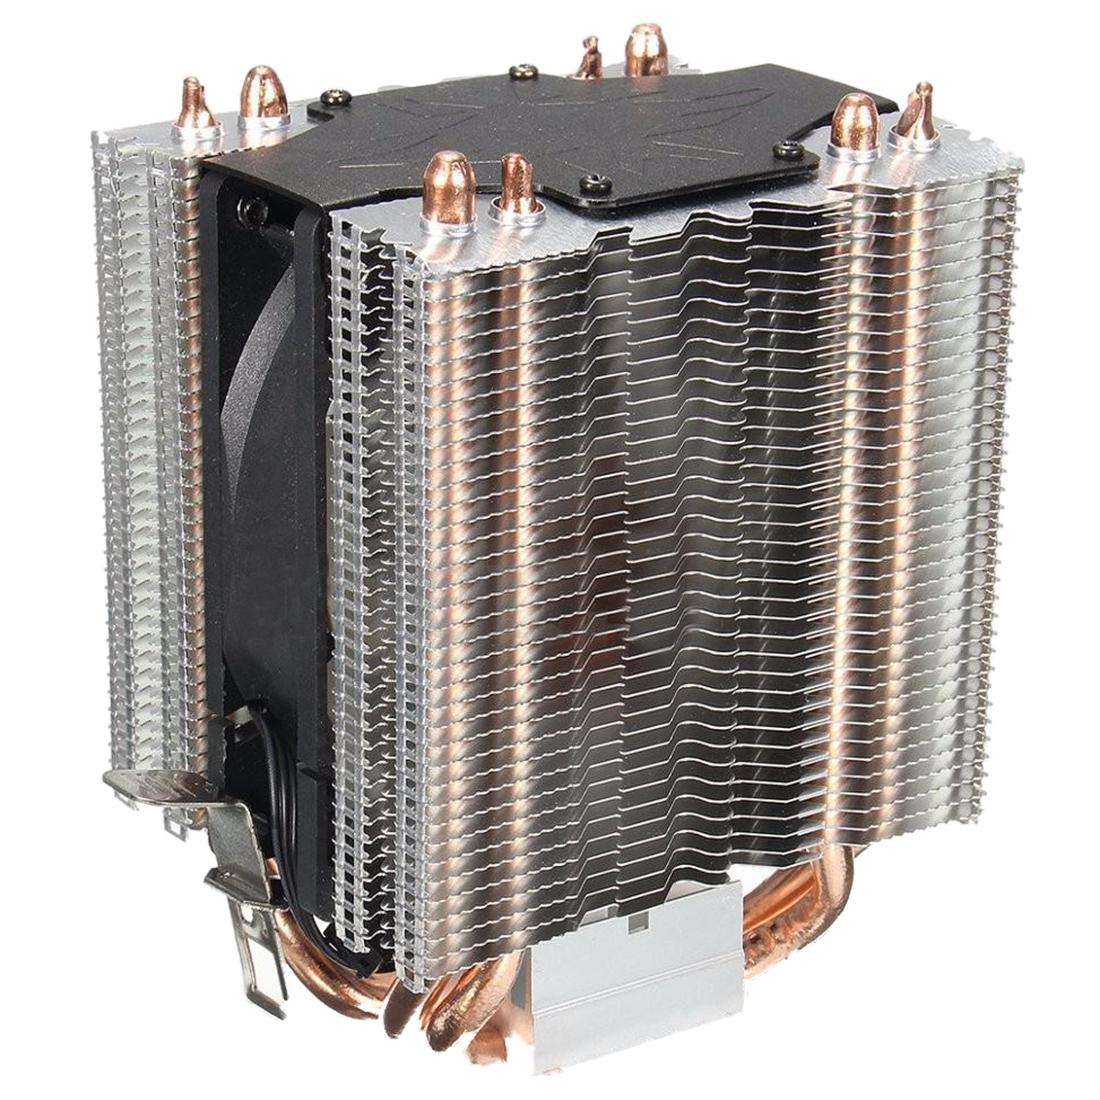 4 Heatpipe Cpu Cooler Heat Sink For Intel Lga 1150 1151